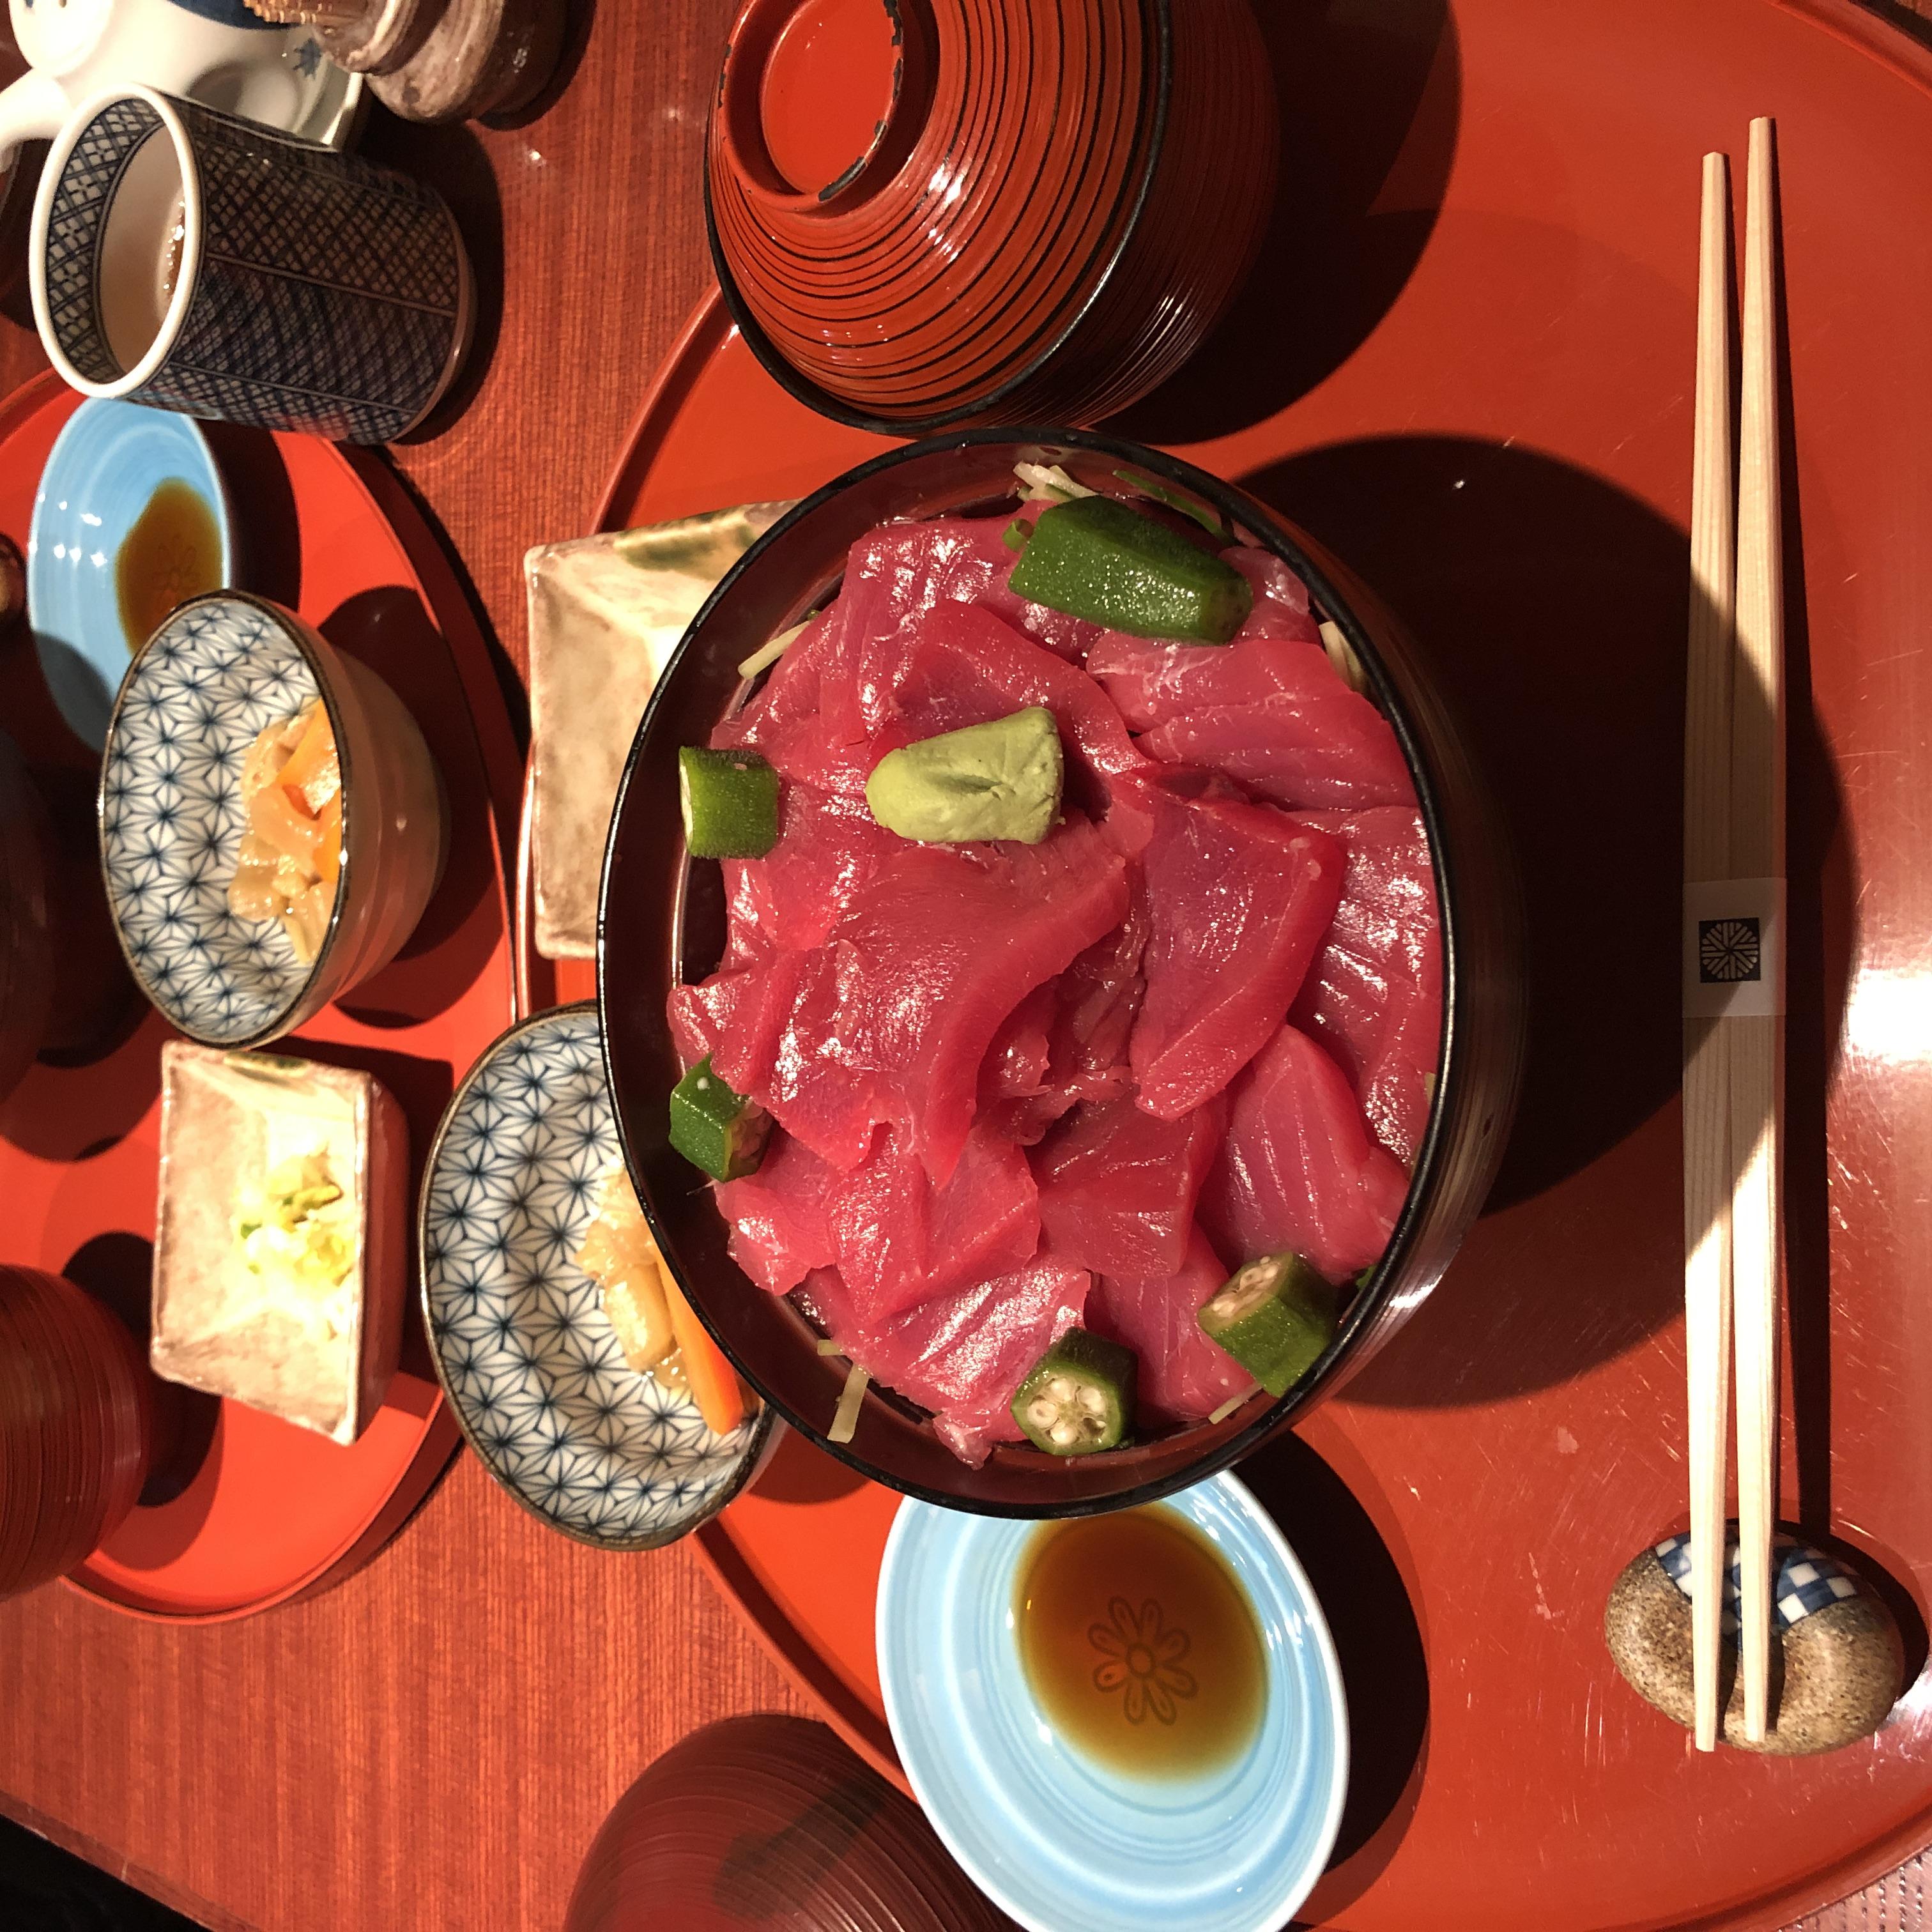 도쿄 현지인들이 알려준 숨은 맛집을 찾아갔다.